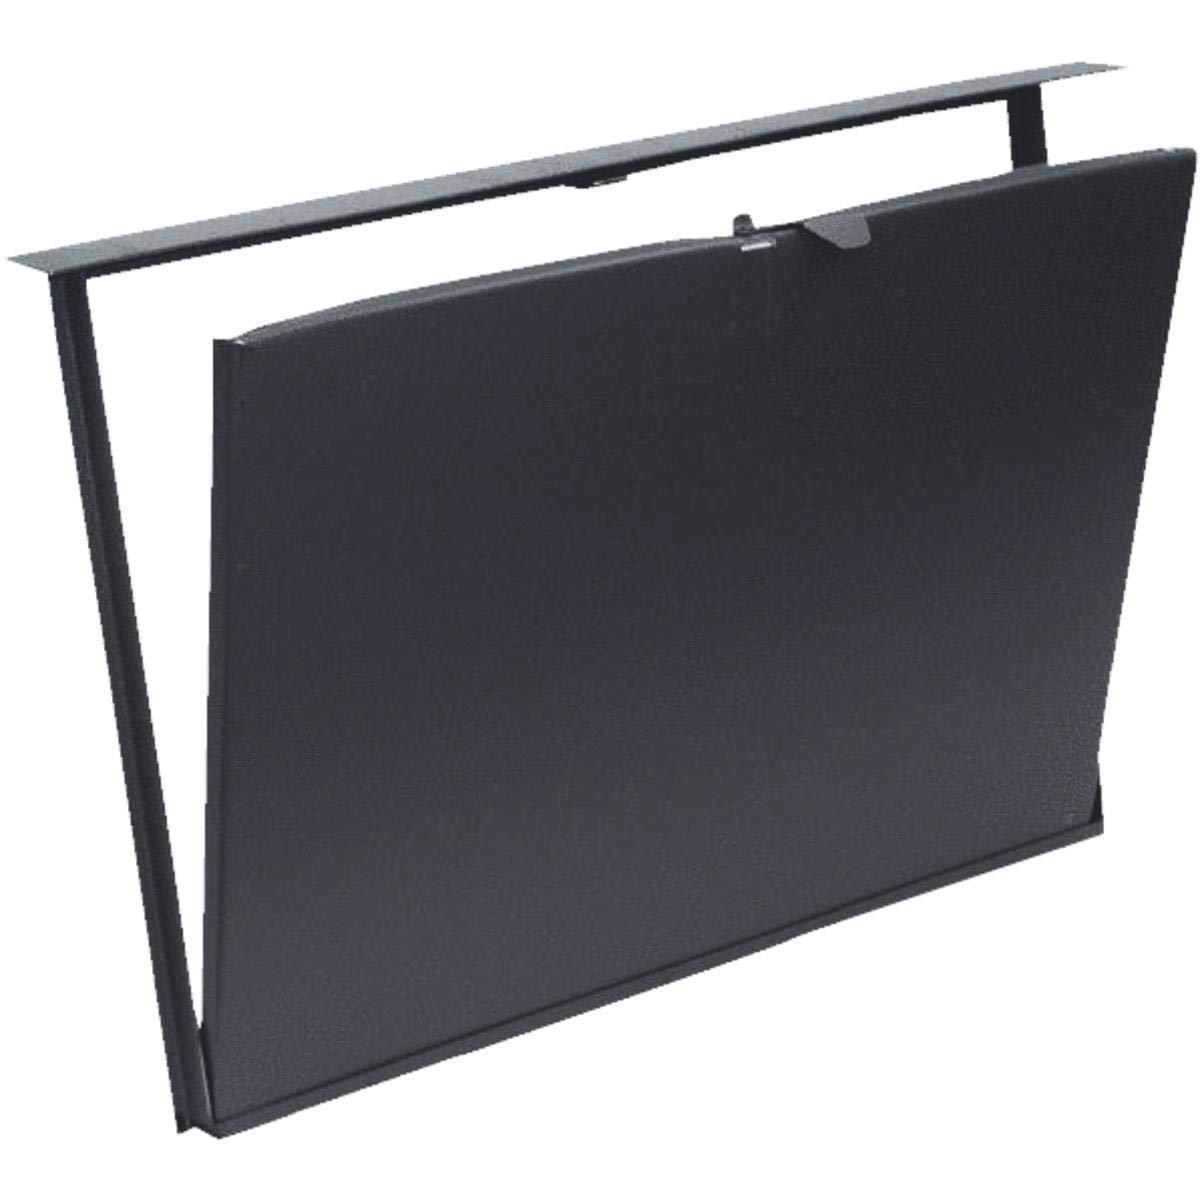 32x24 Steel Access Door